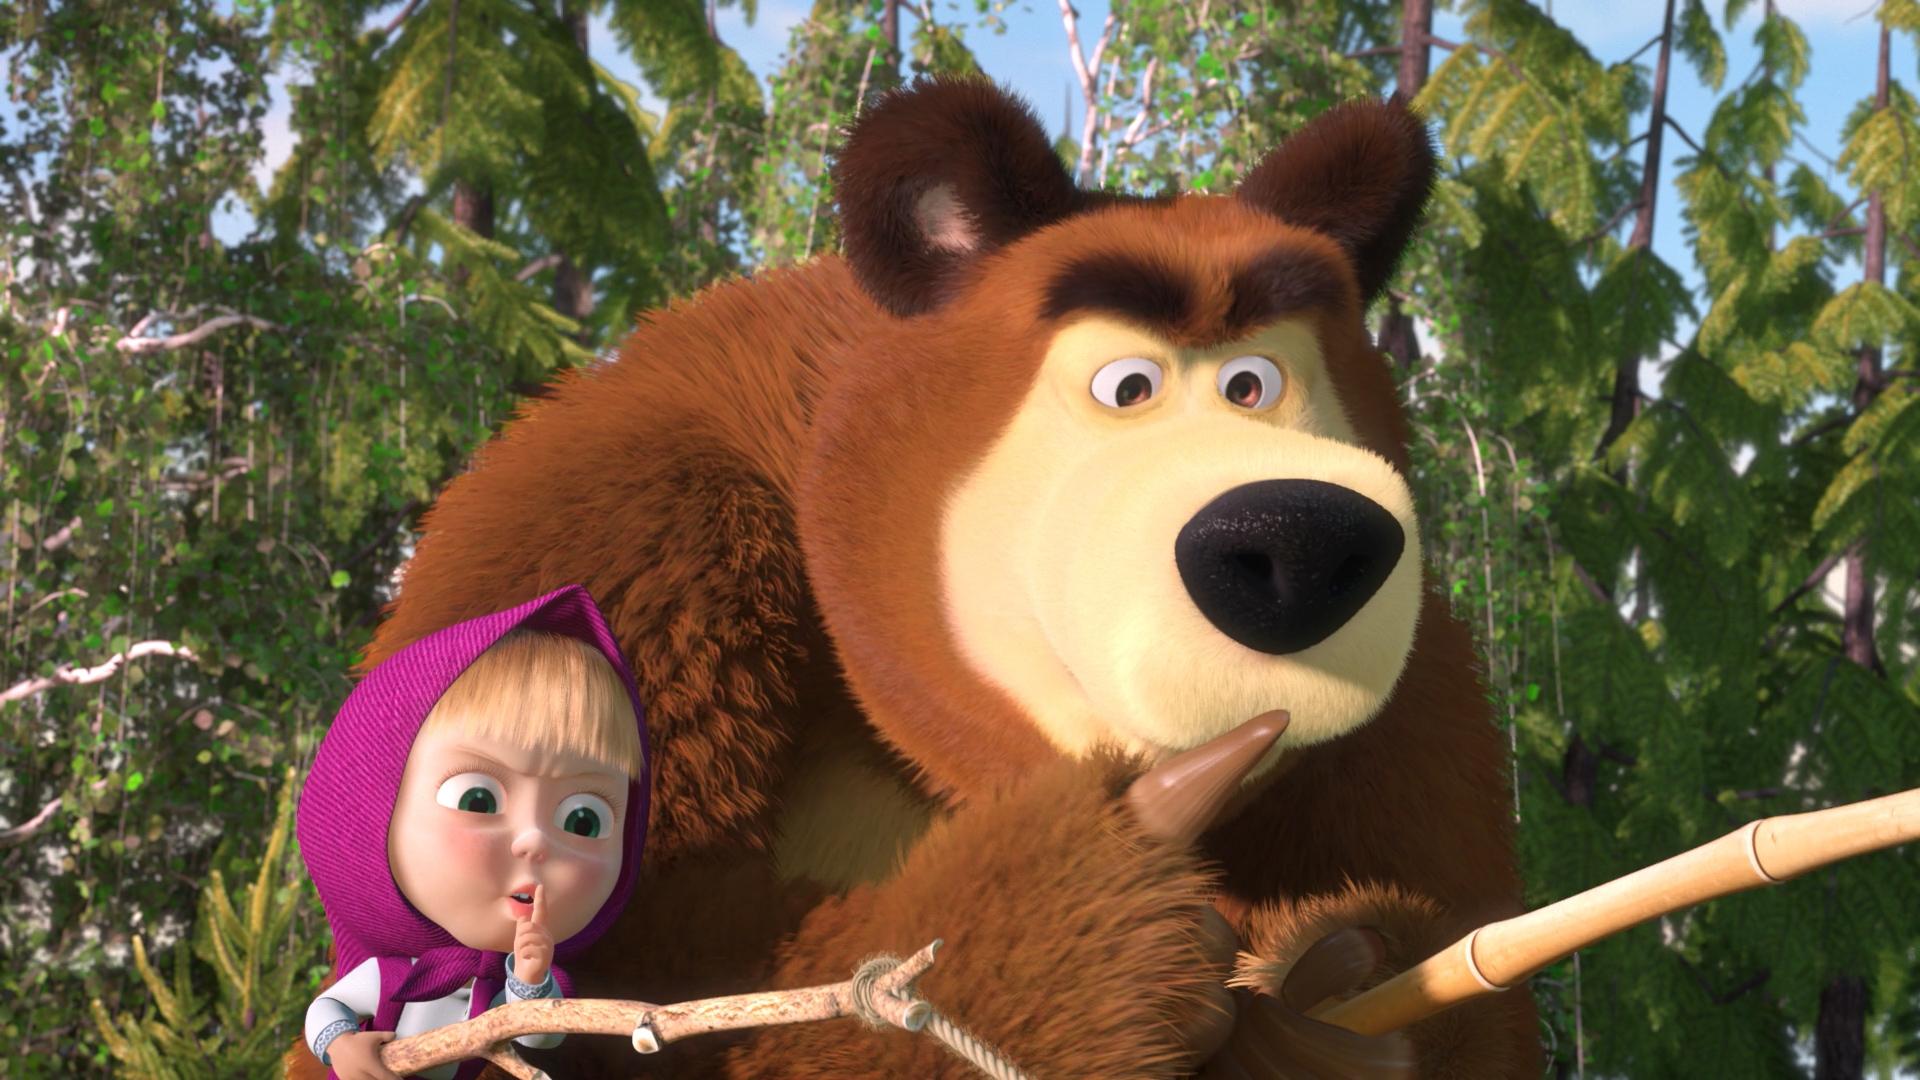 обидно, смотреть фото маша и медведь женщине